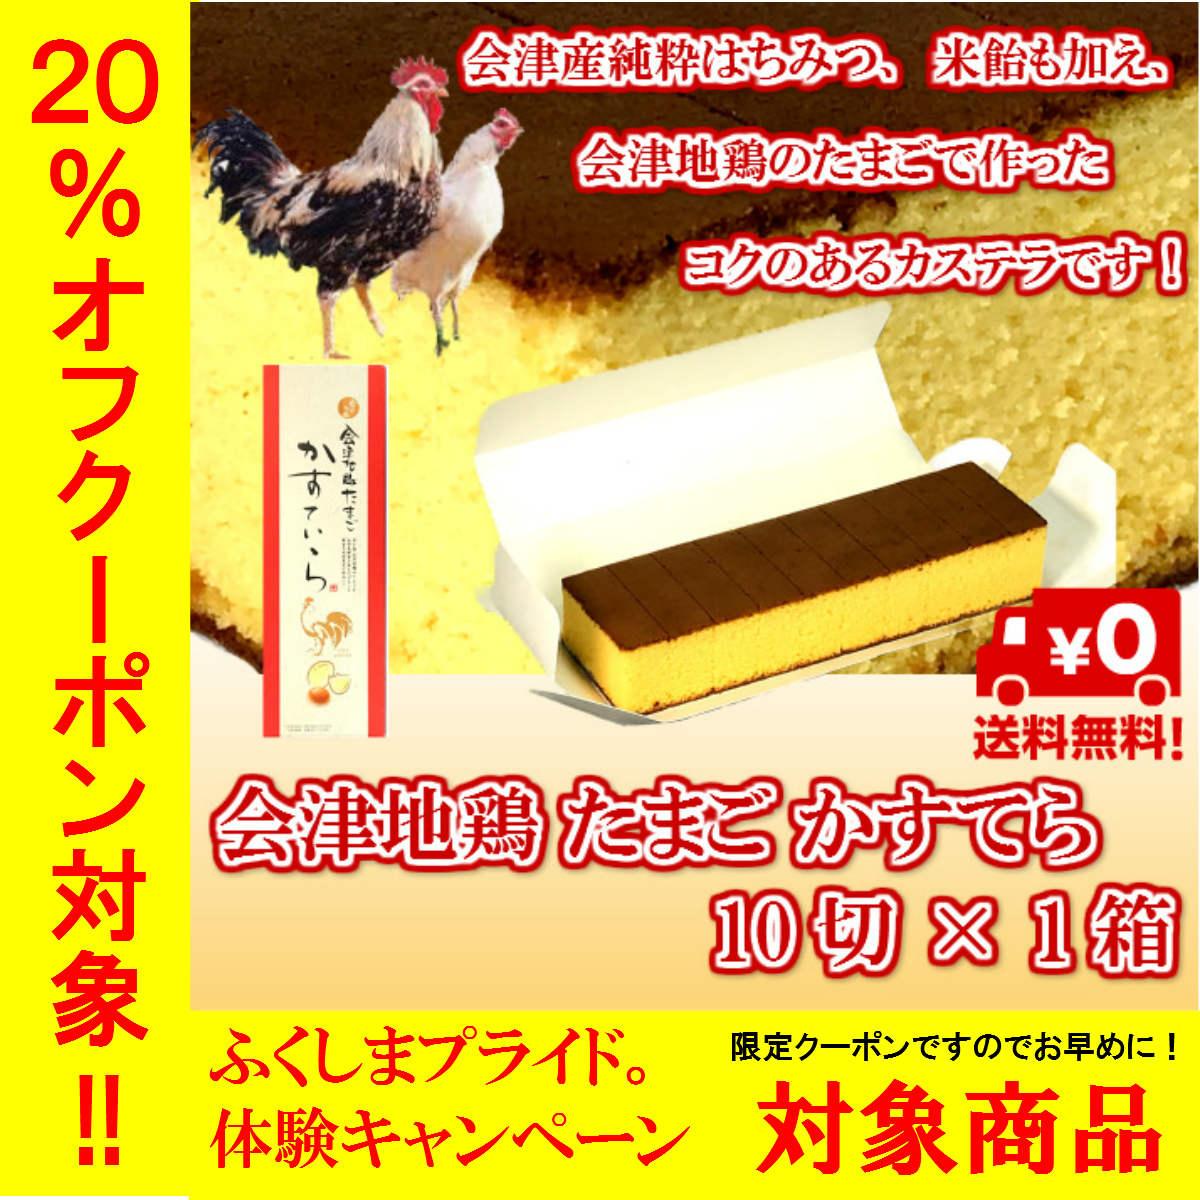 会津地鶏 カステラ かすてら 会津地鶏ネット 送料無料 10切 x 1箱 ふくしまプライド